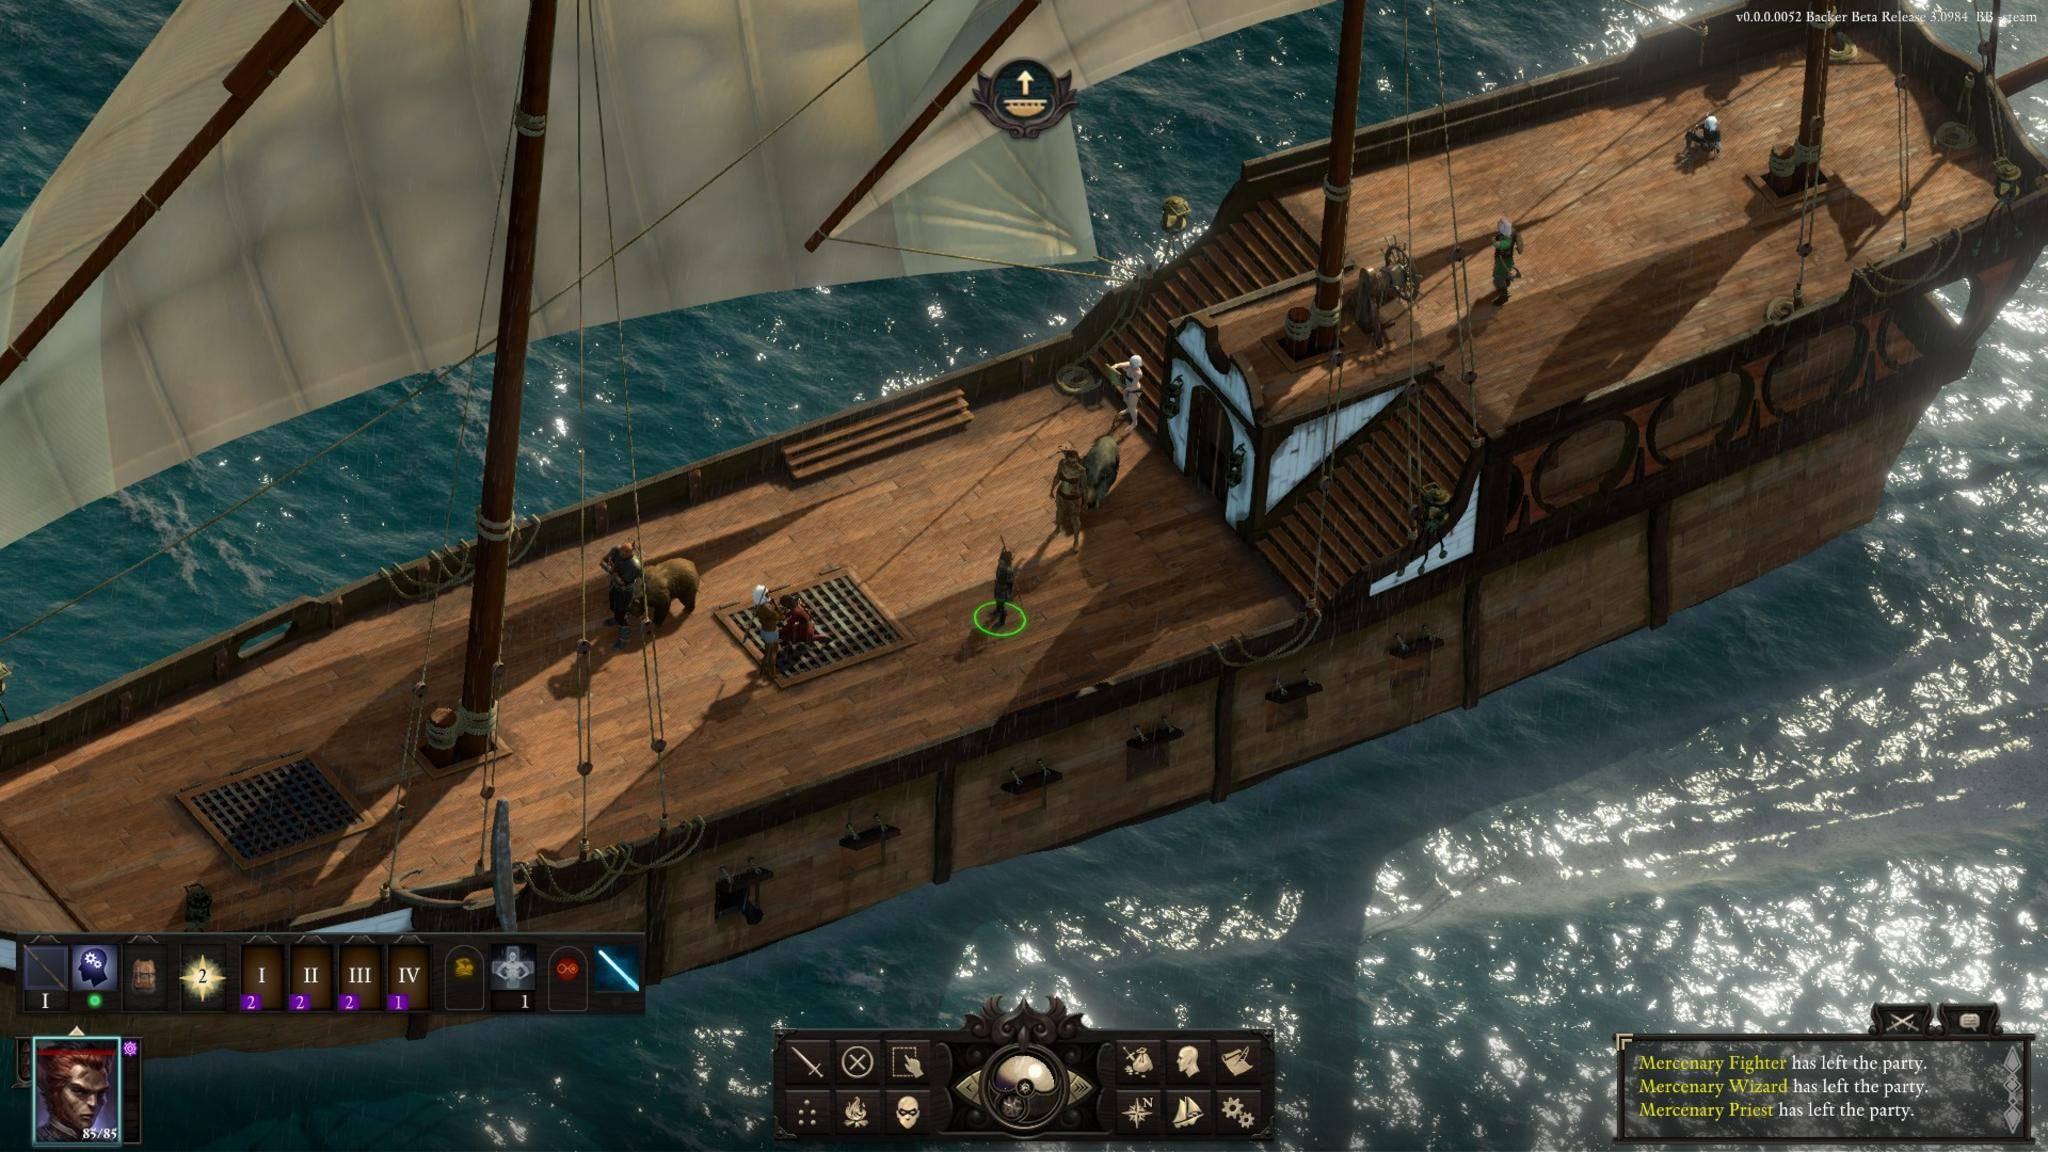 Eine Seefahrt, die ist... ein textbasiertes Strategiespiel mit gelegentlichen Ausflügen an Deck.